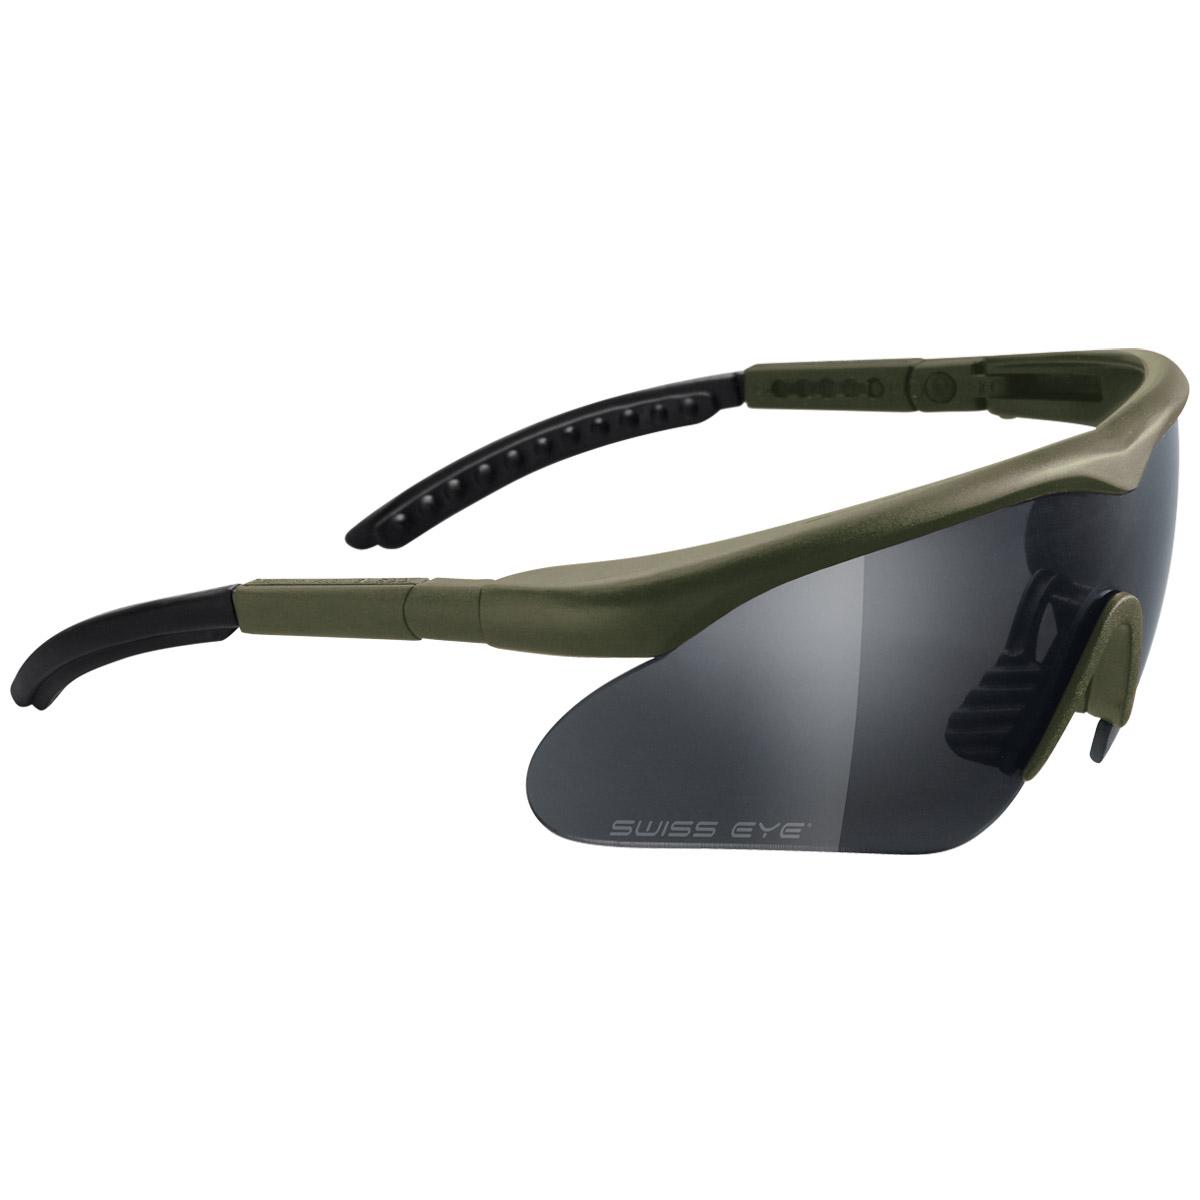 swiss eye glass